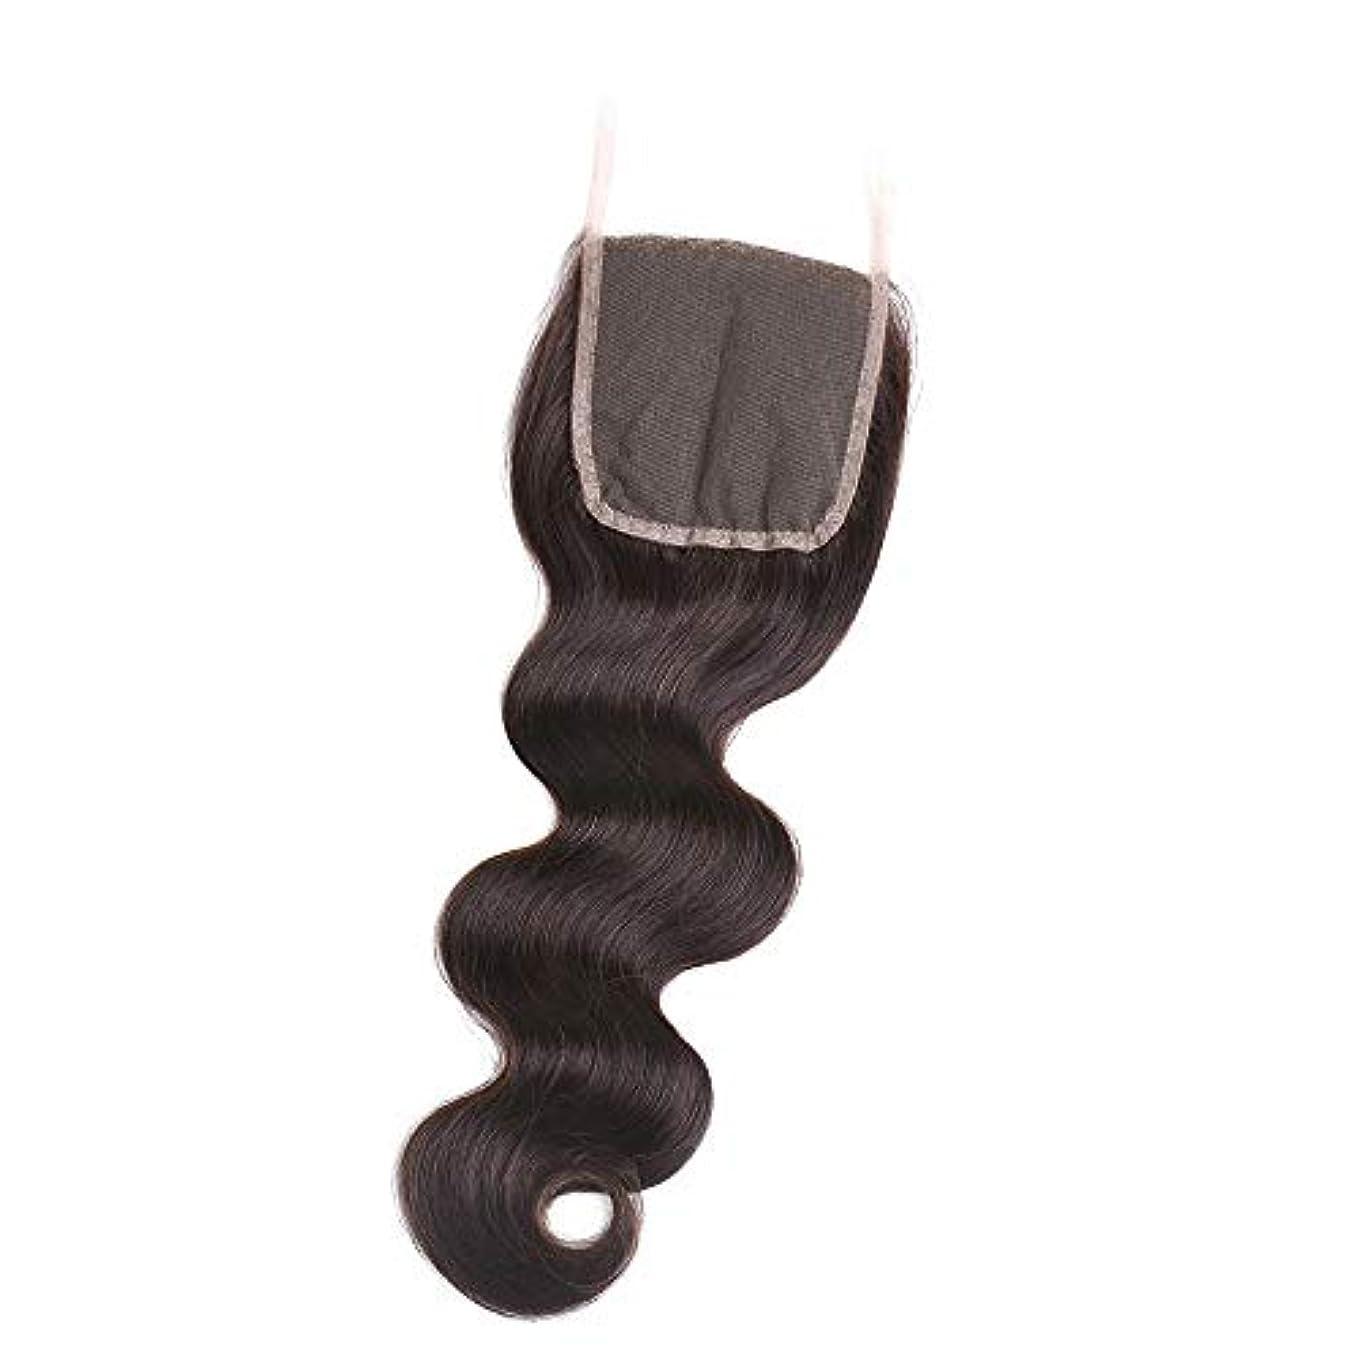 お母さん刺激する不調和HOHYLLYA フリーパート4×4インチ実体波レース前頭閉鎖ブラジル人間の髪の毛ロールプレイングかつら女性の自然なかつら (色 : 黒, サイズ : 18 inch)